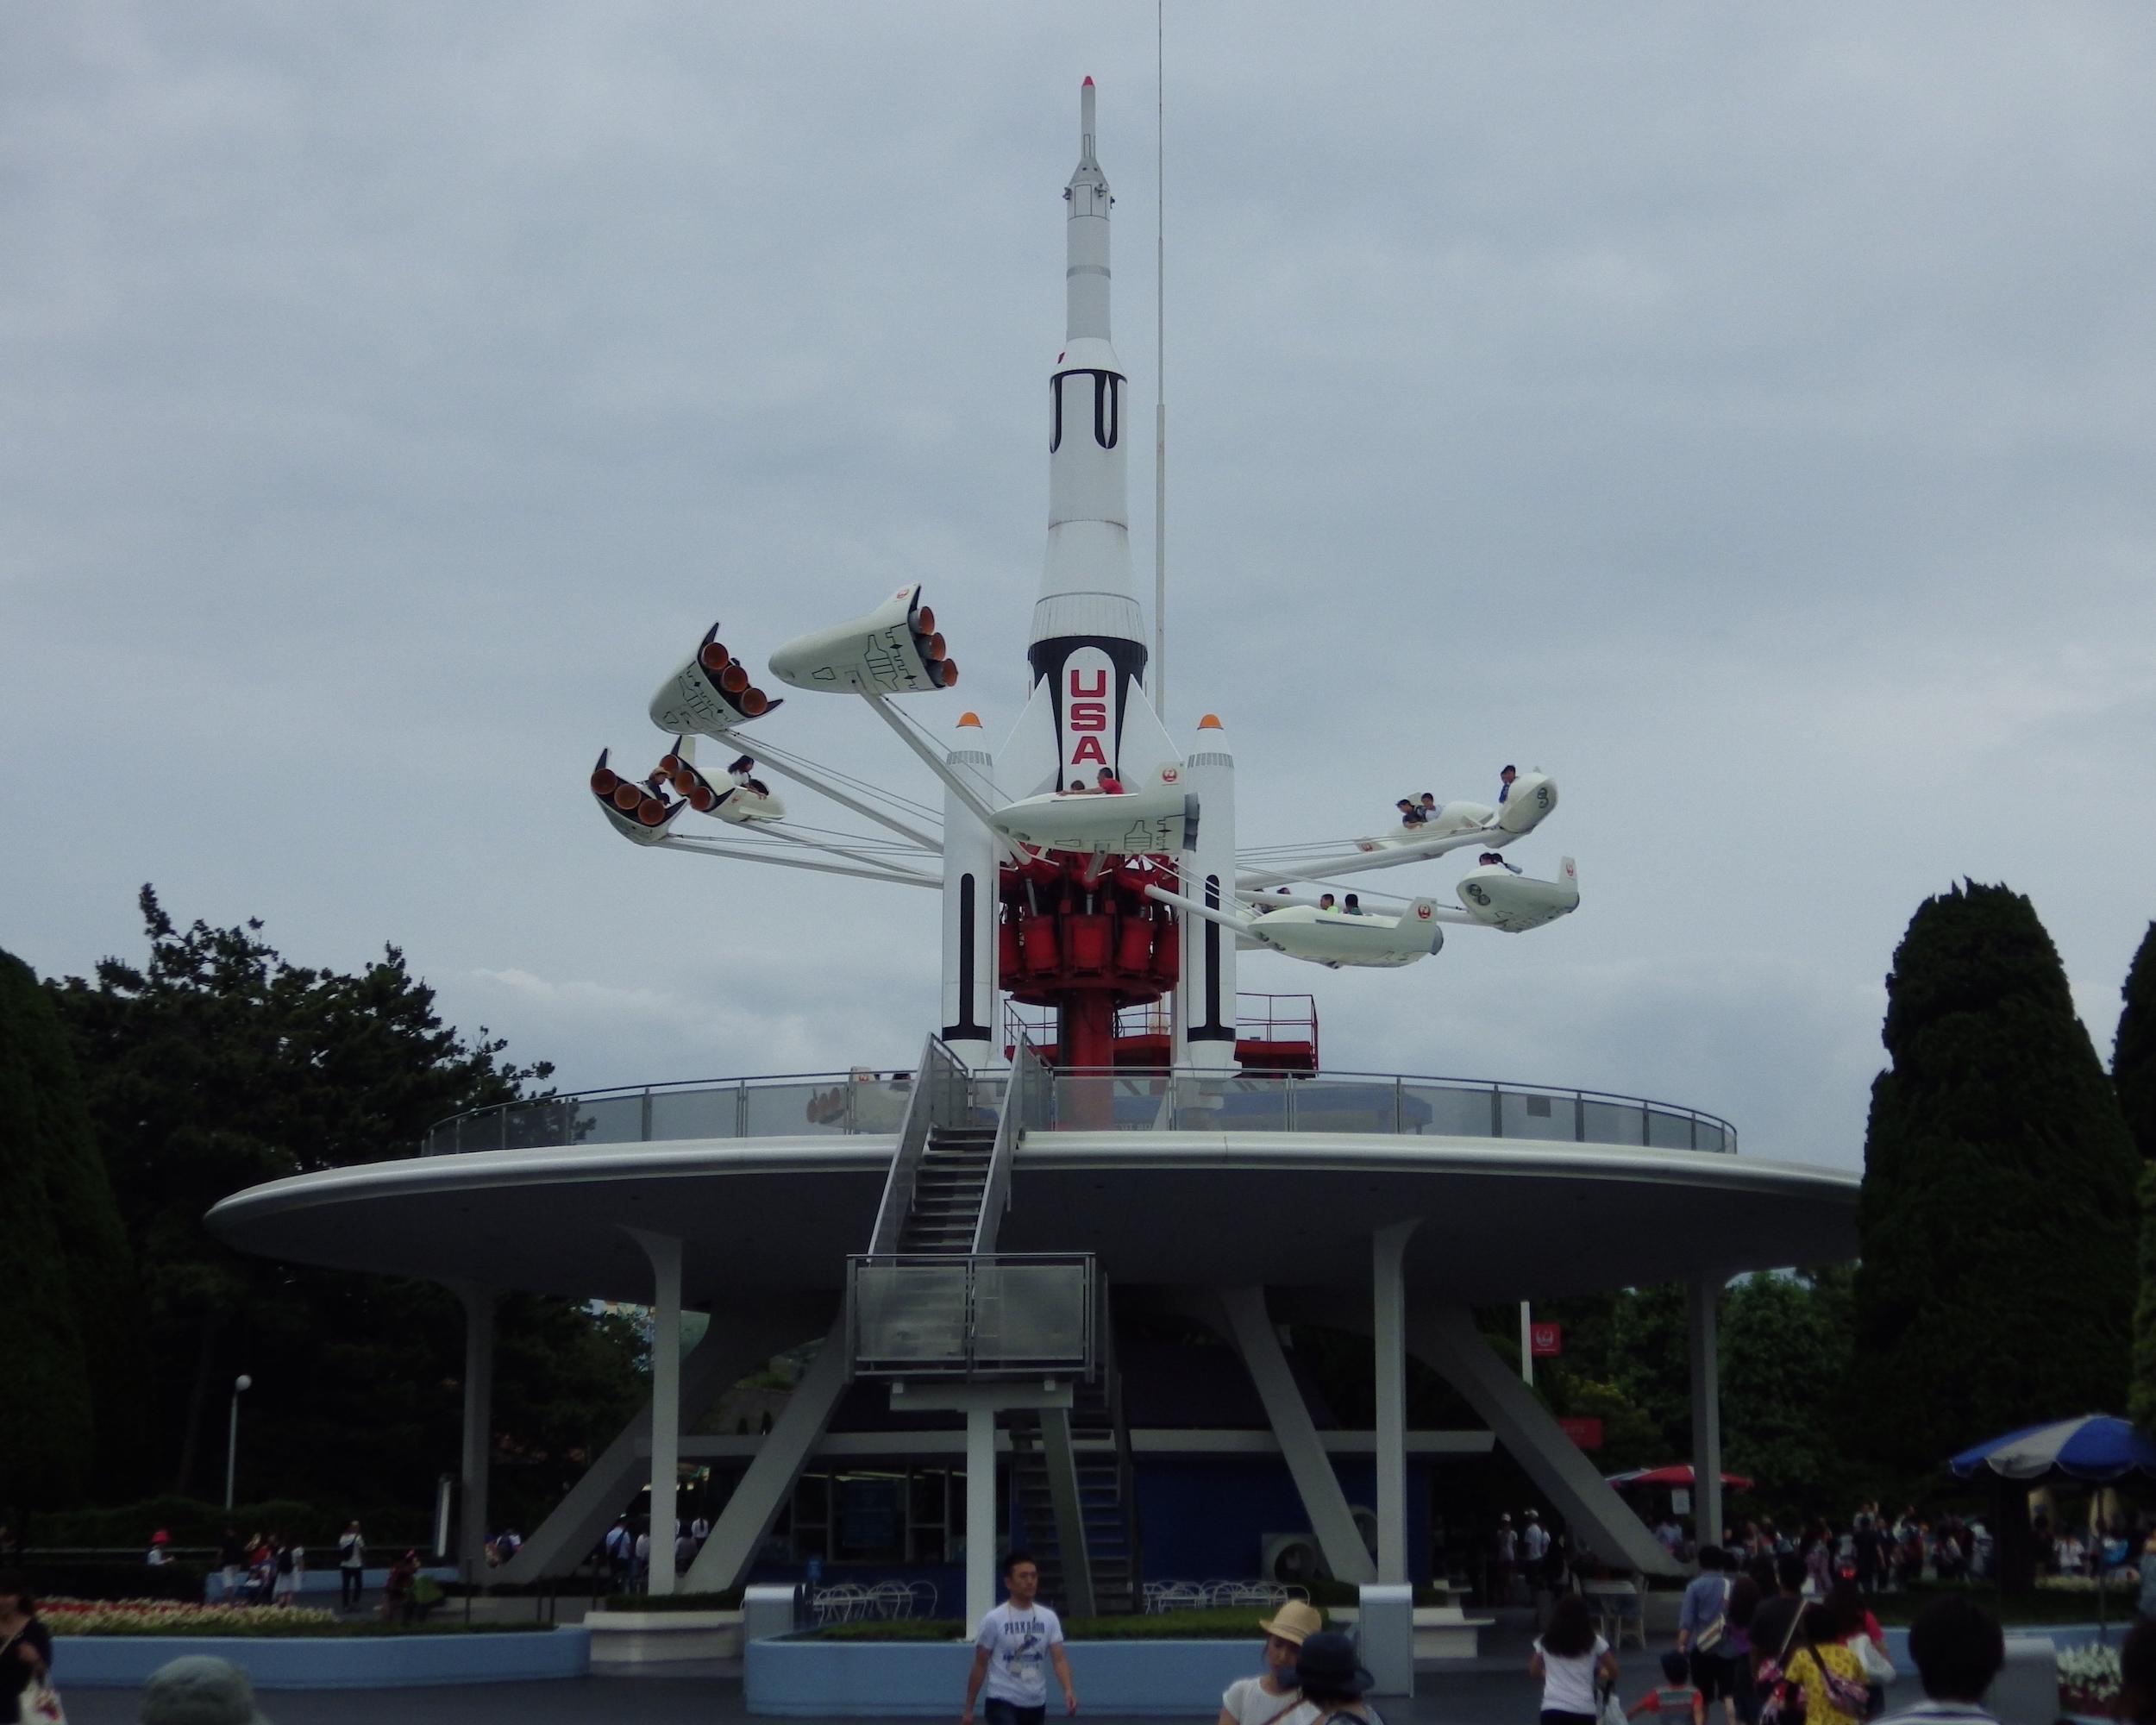 Old_TDL_Tomorrowland_018_20x25.jpg